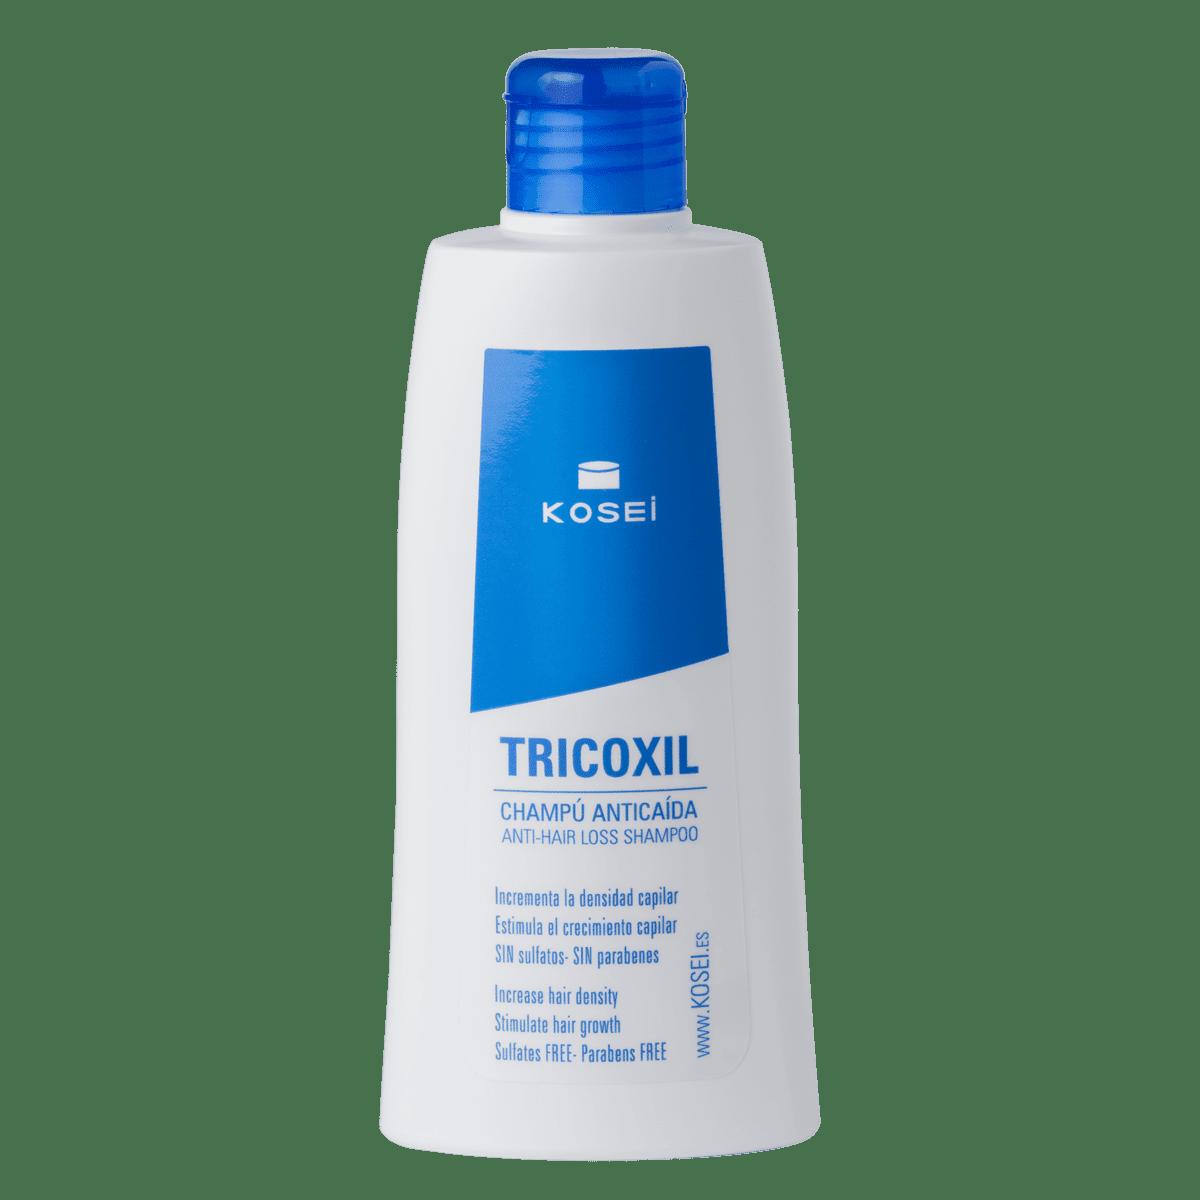 TRICOXIL Champú Anticaída